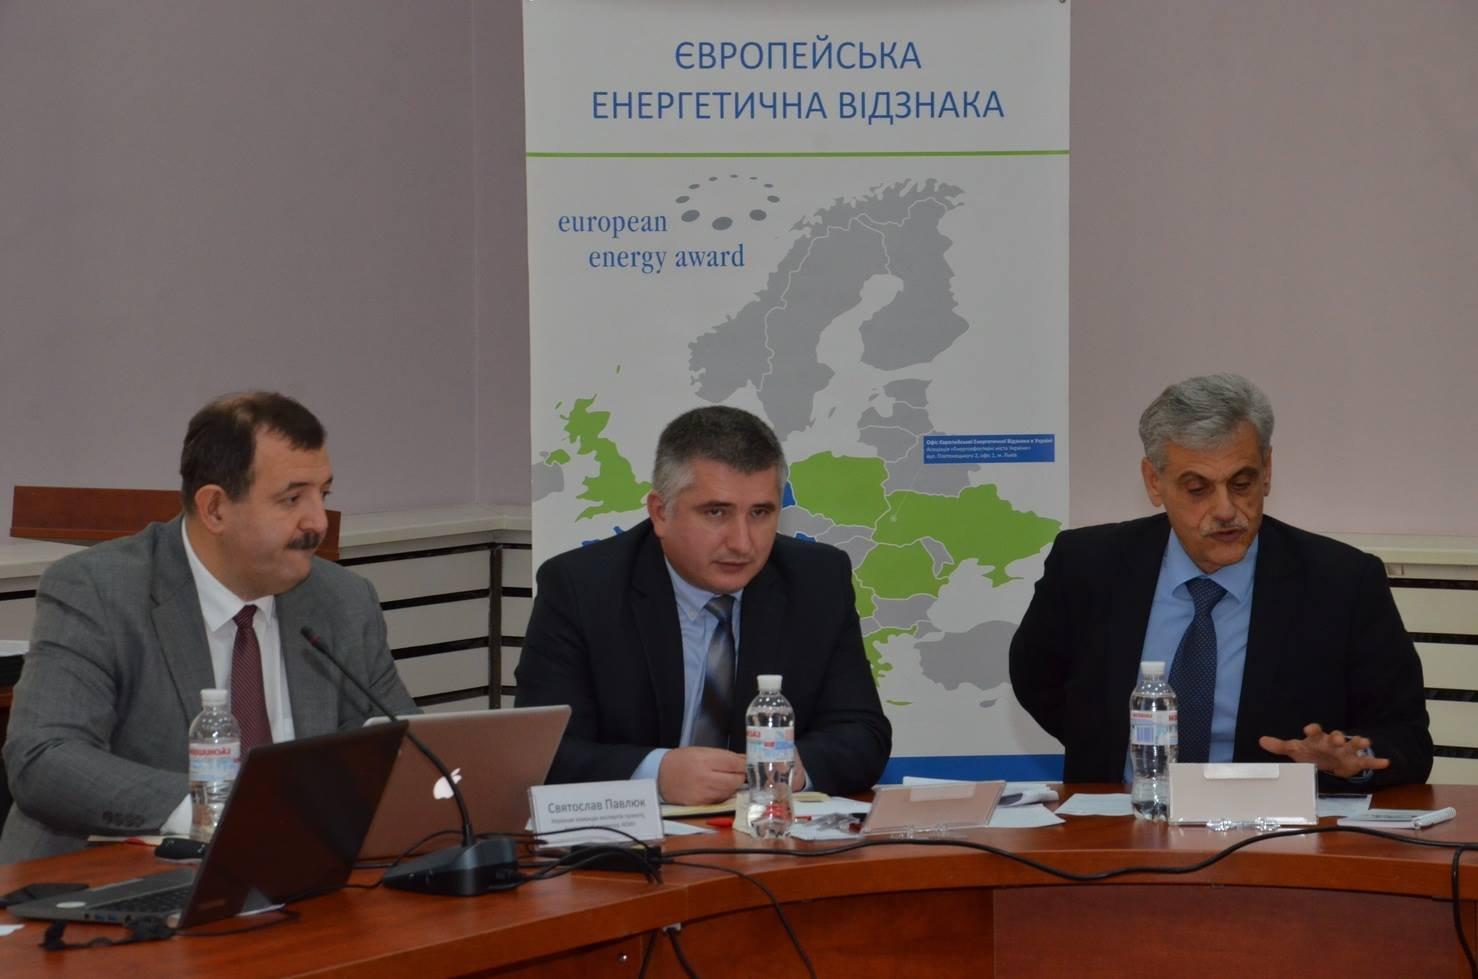 Представники з Житомира беруть участь у конференції «Впровадження Європейської Енергетичної Відзнаки в Україні»